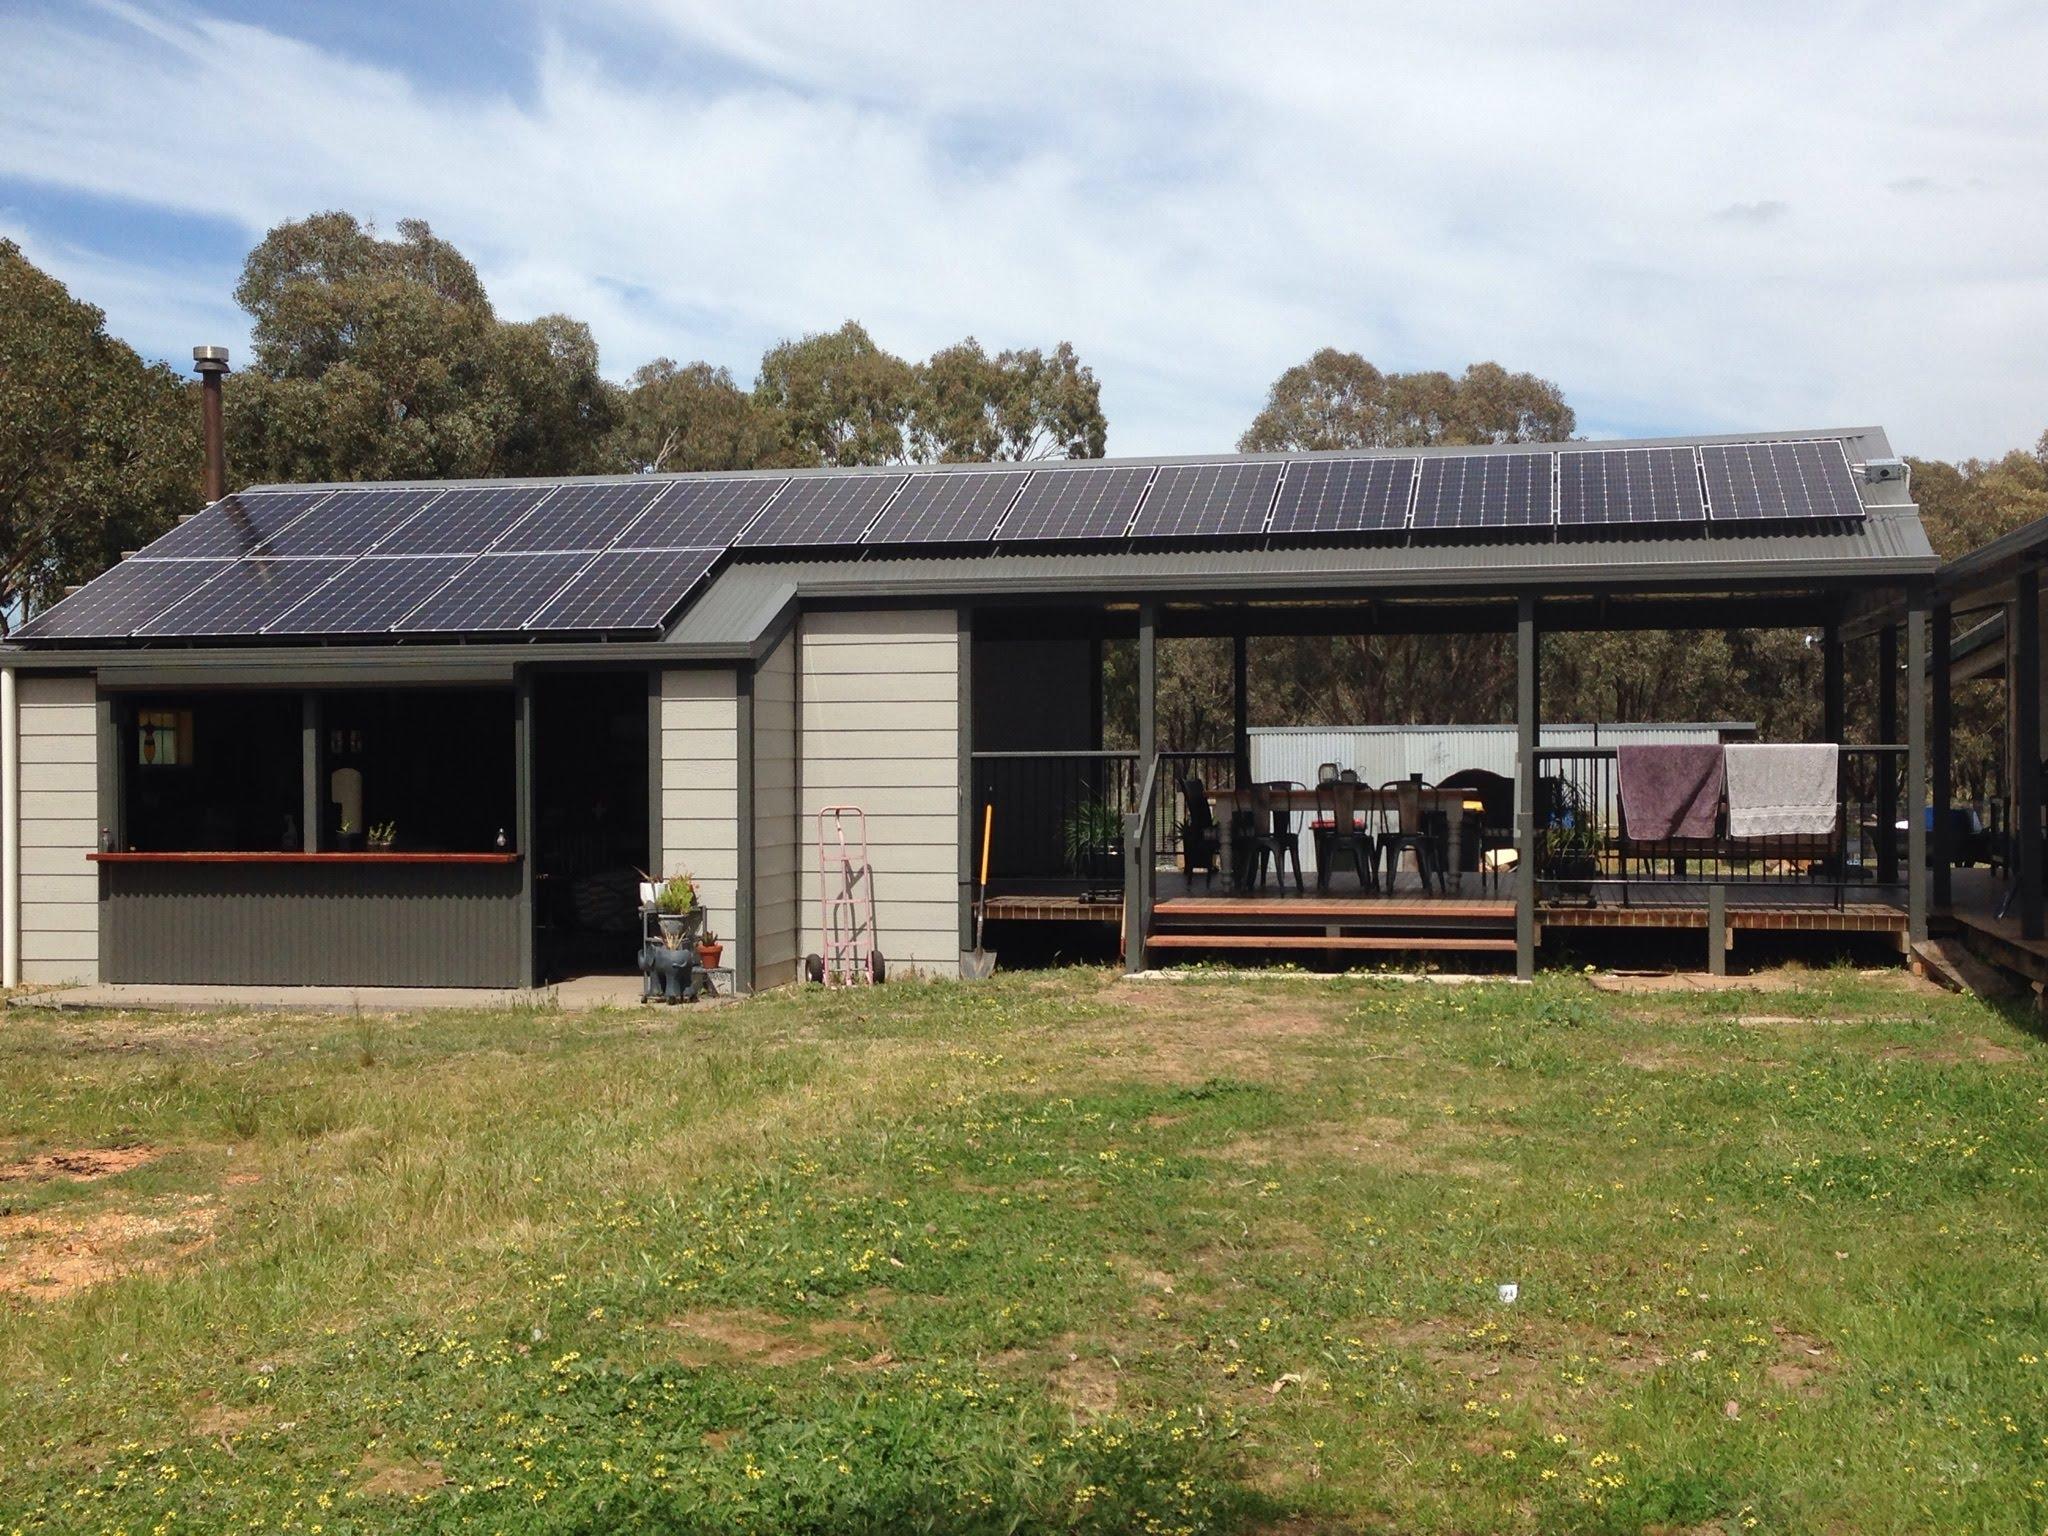 Castlemaine solar install 2019